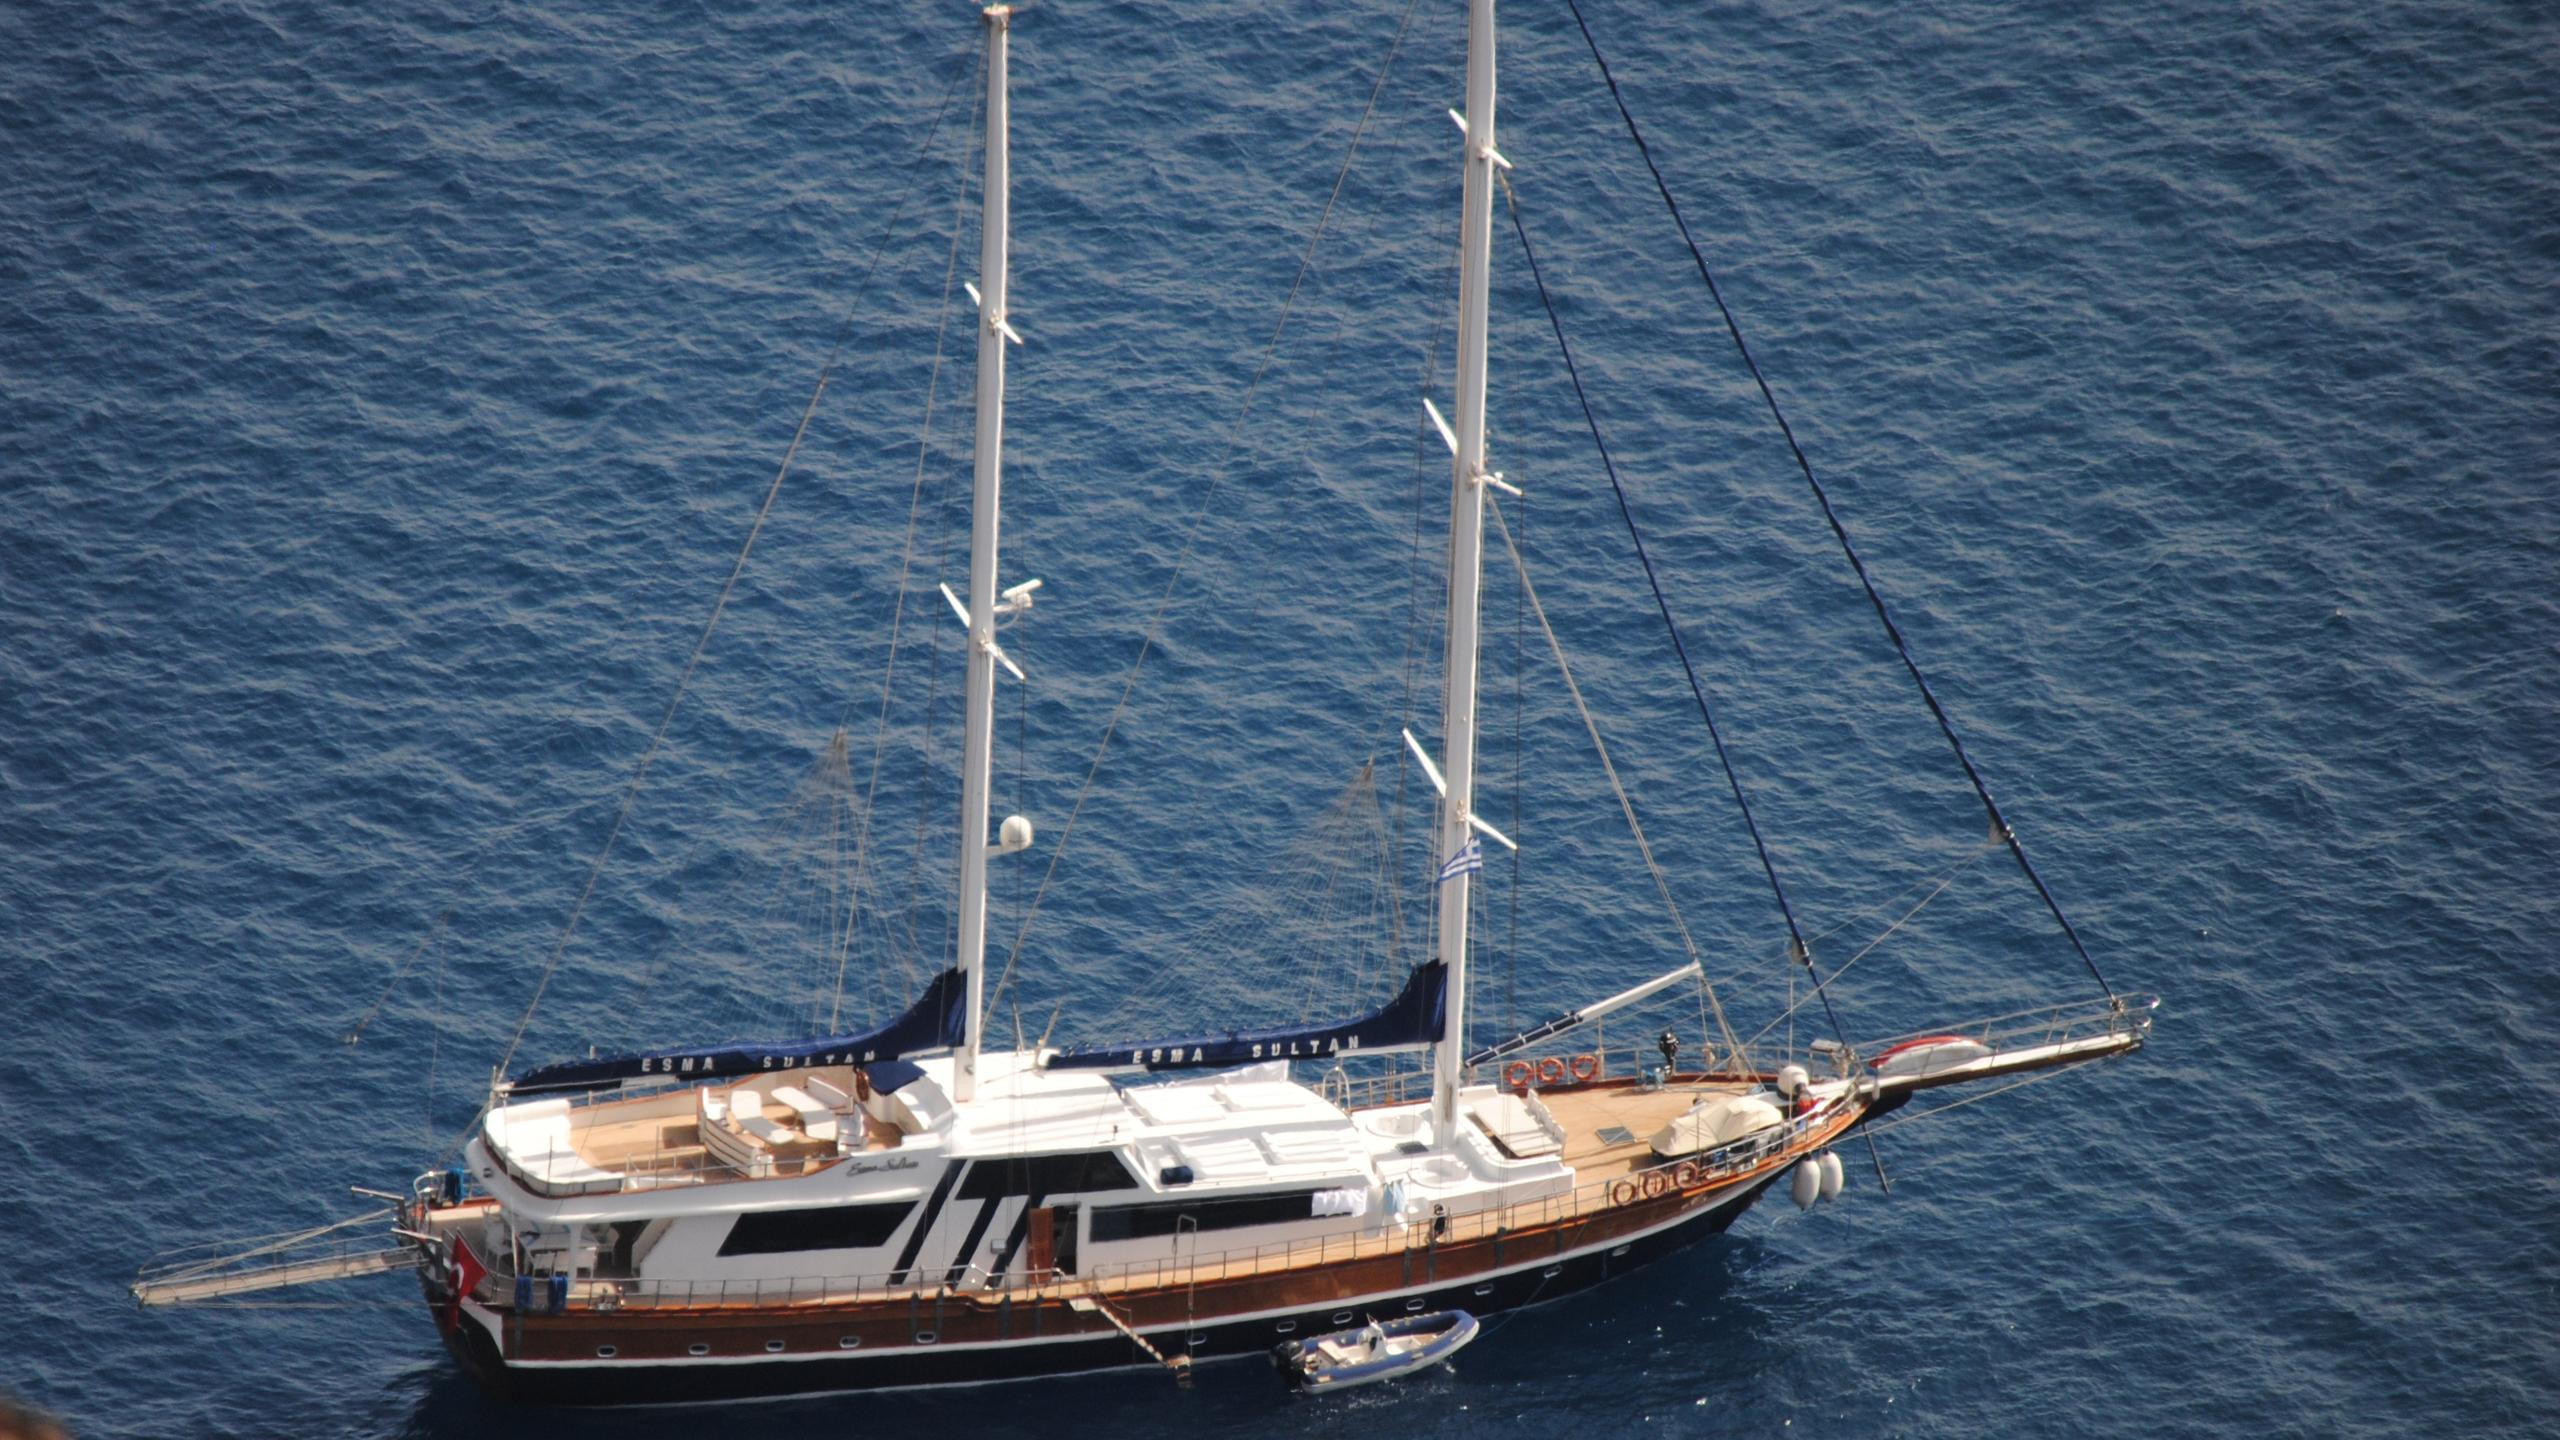 esma-sultan-yacht-aerial